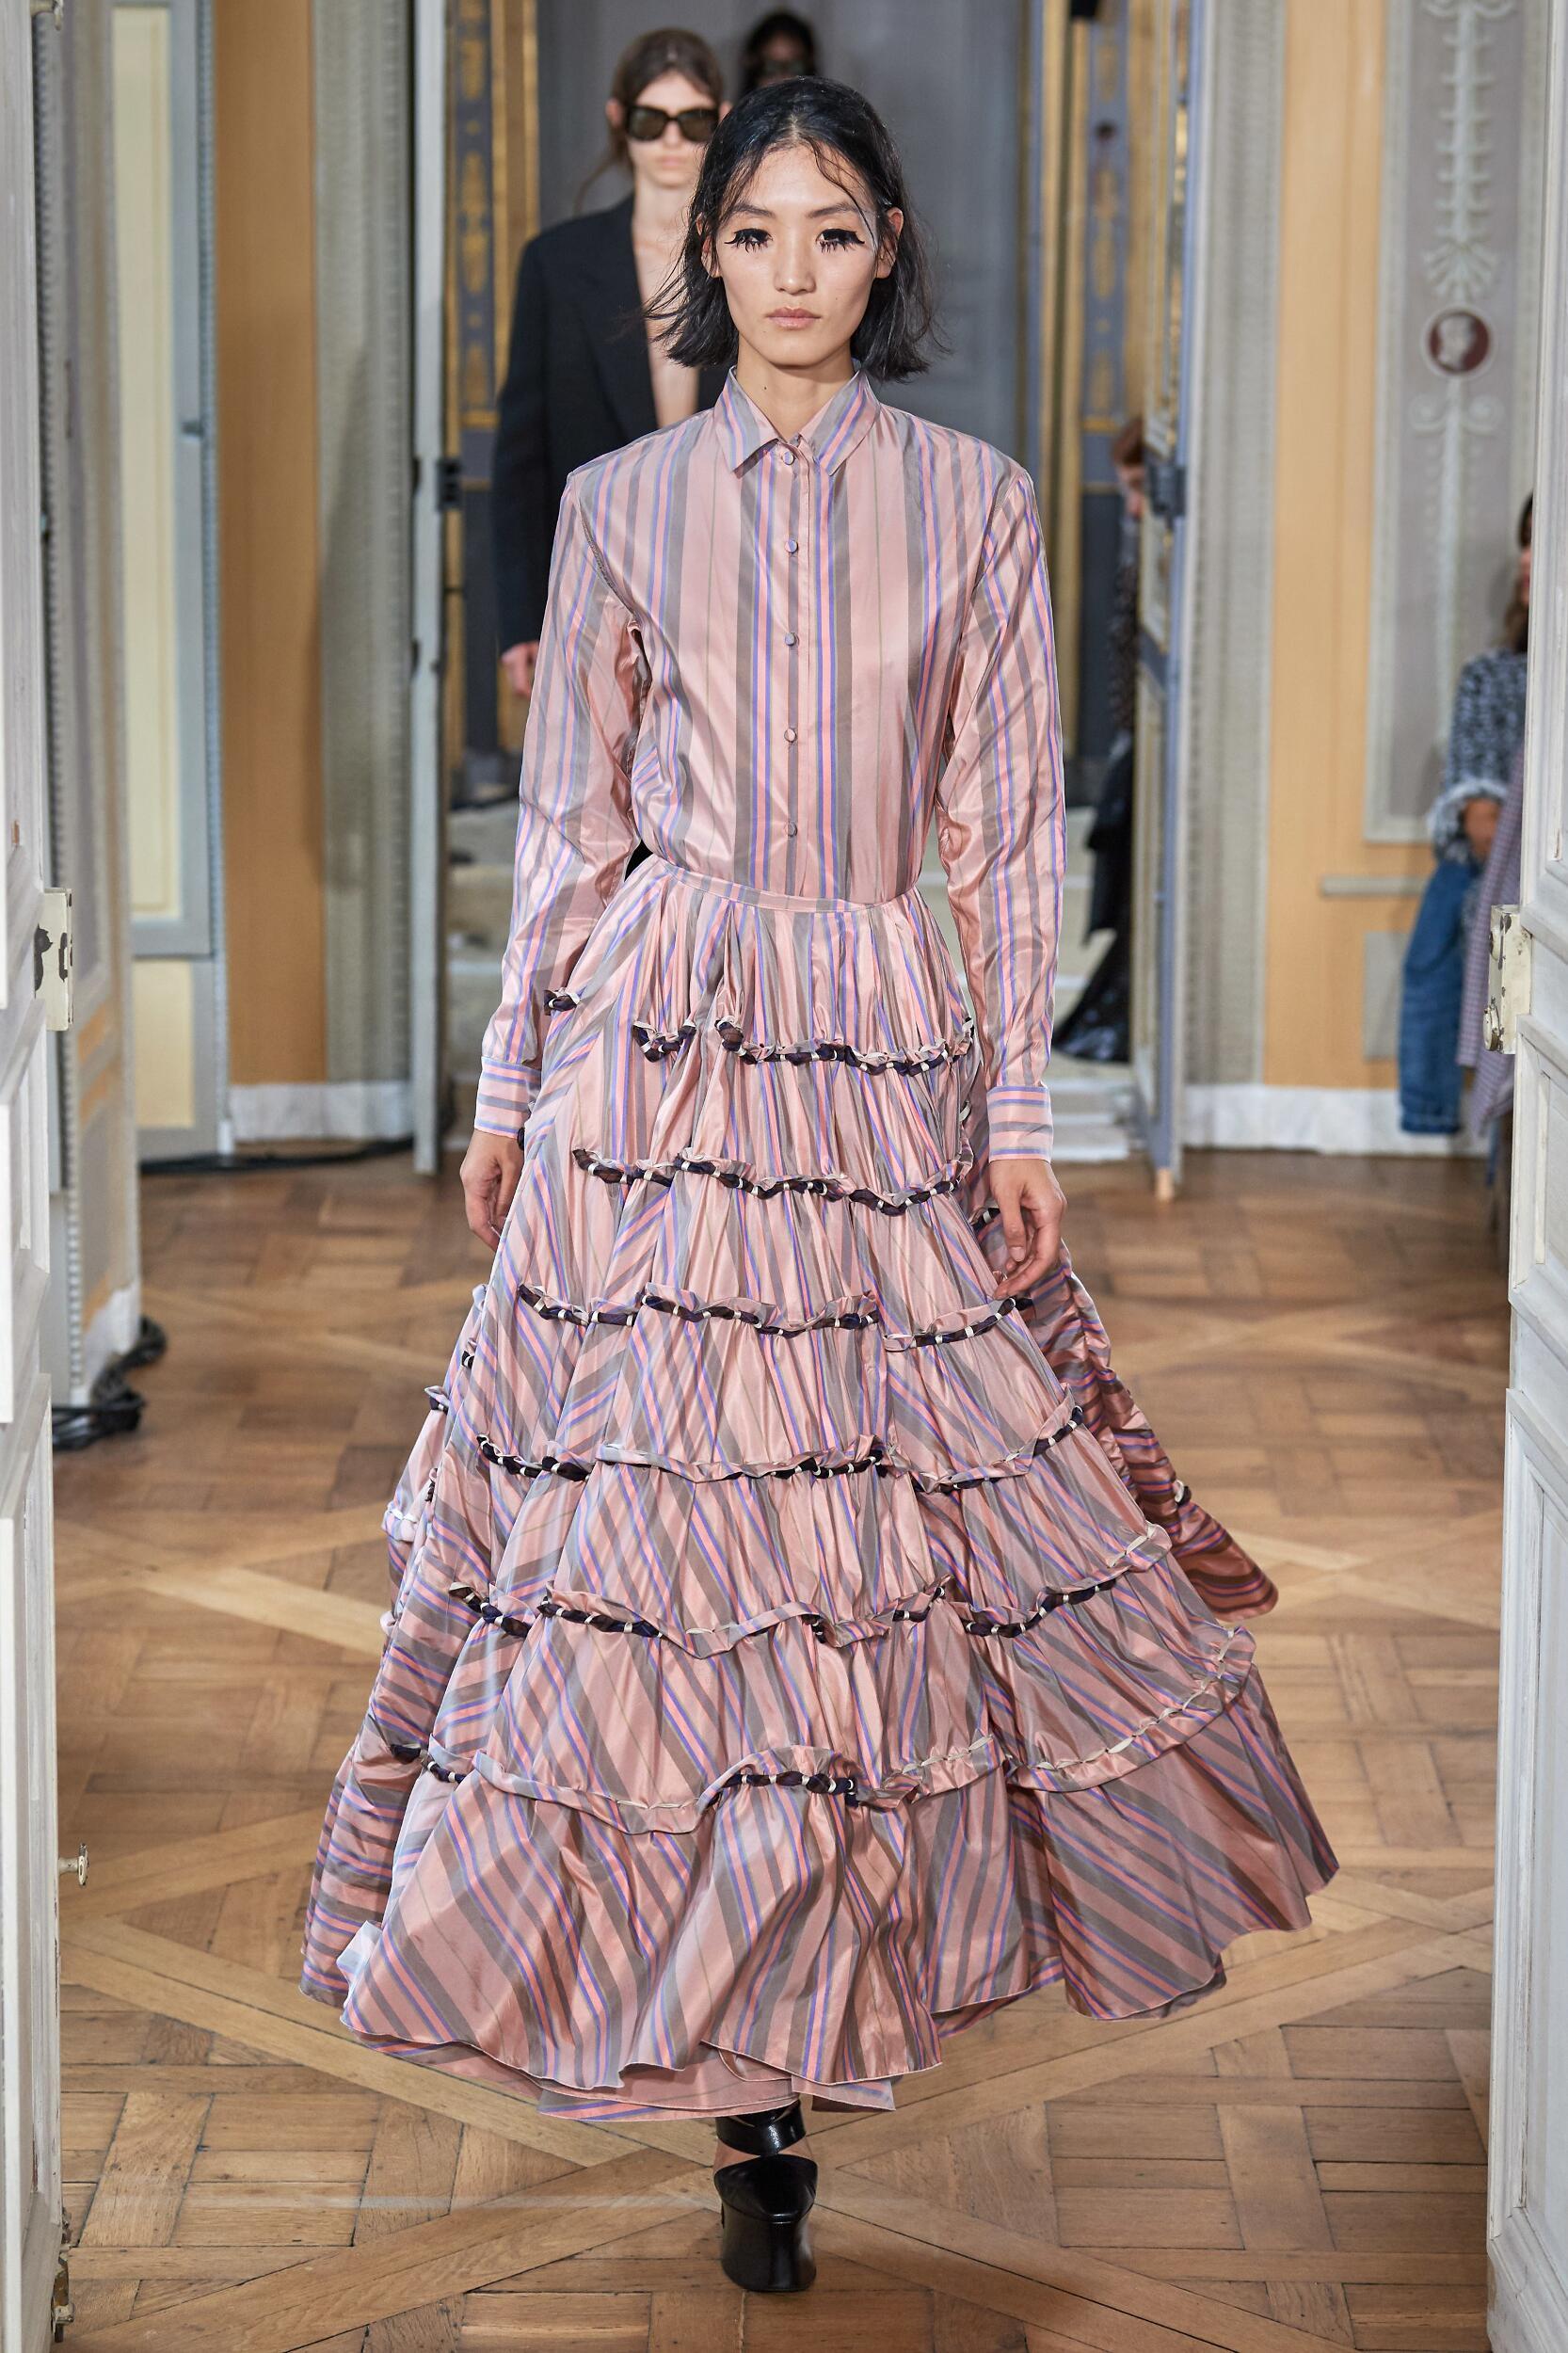 Olivier Theyskens Woman Style